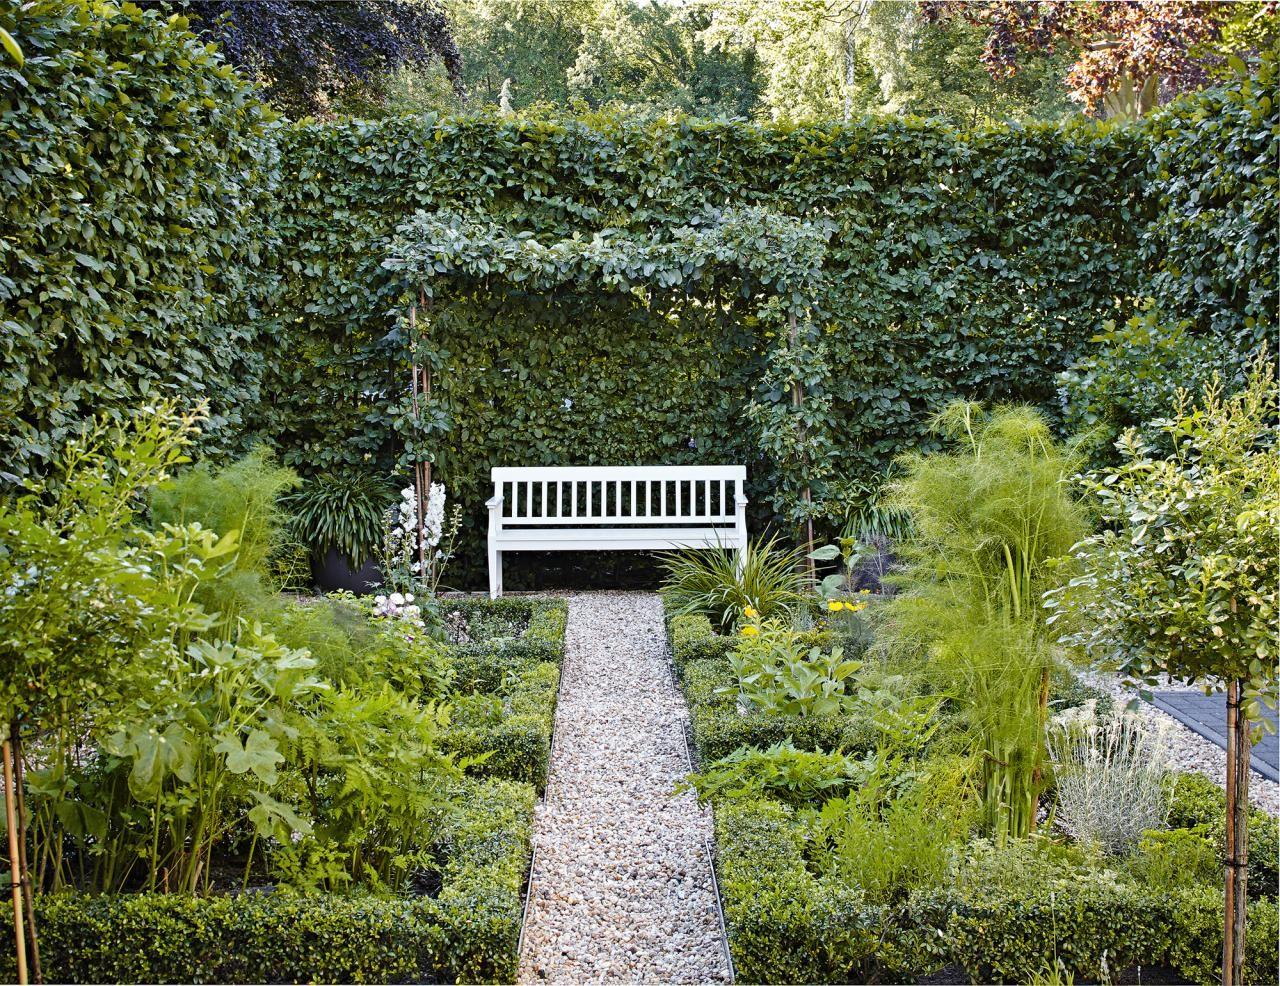 Garten Schöner Wohnen den garten gestalten gartenplanung auf wenig raum